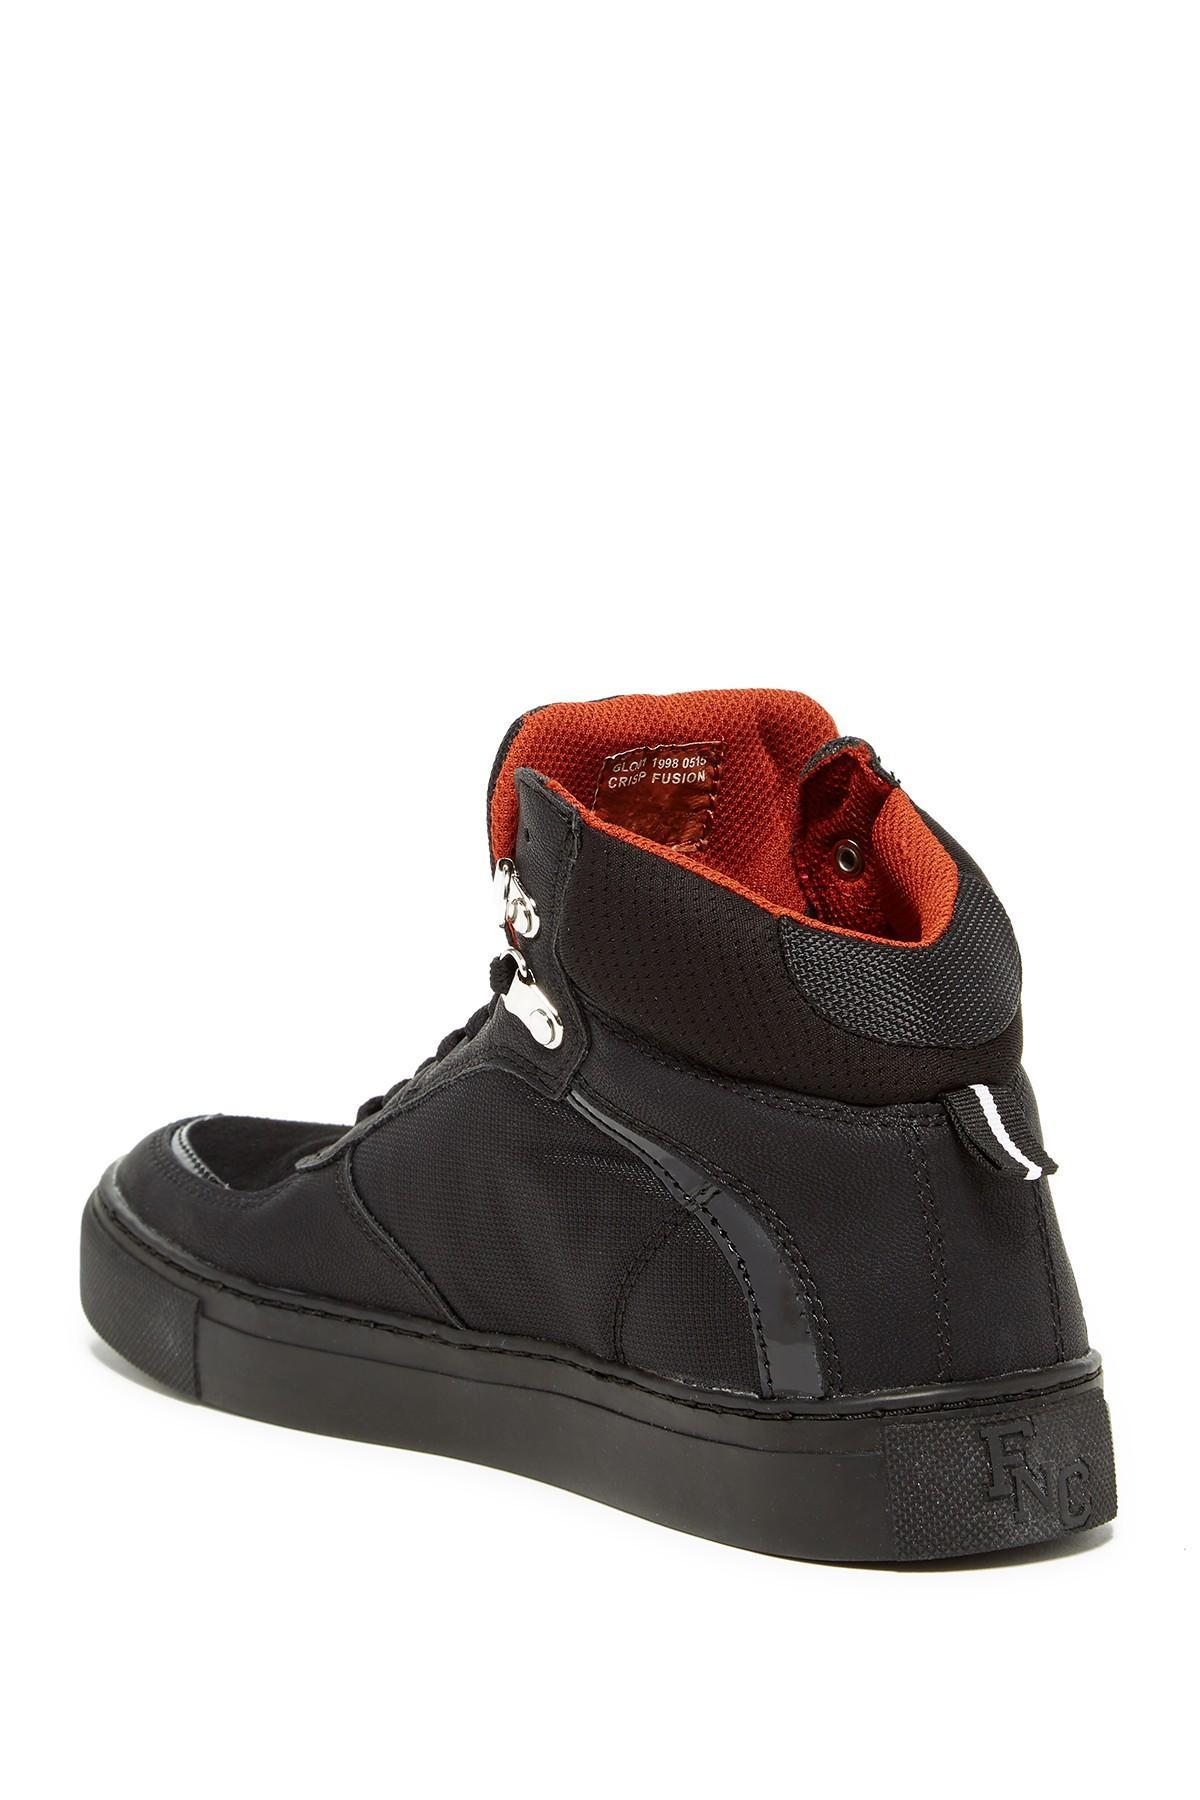 Fish N Chips Crisp Sneaker In Black For Men Lyst